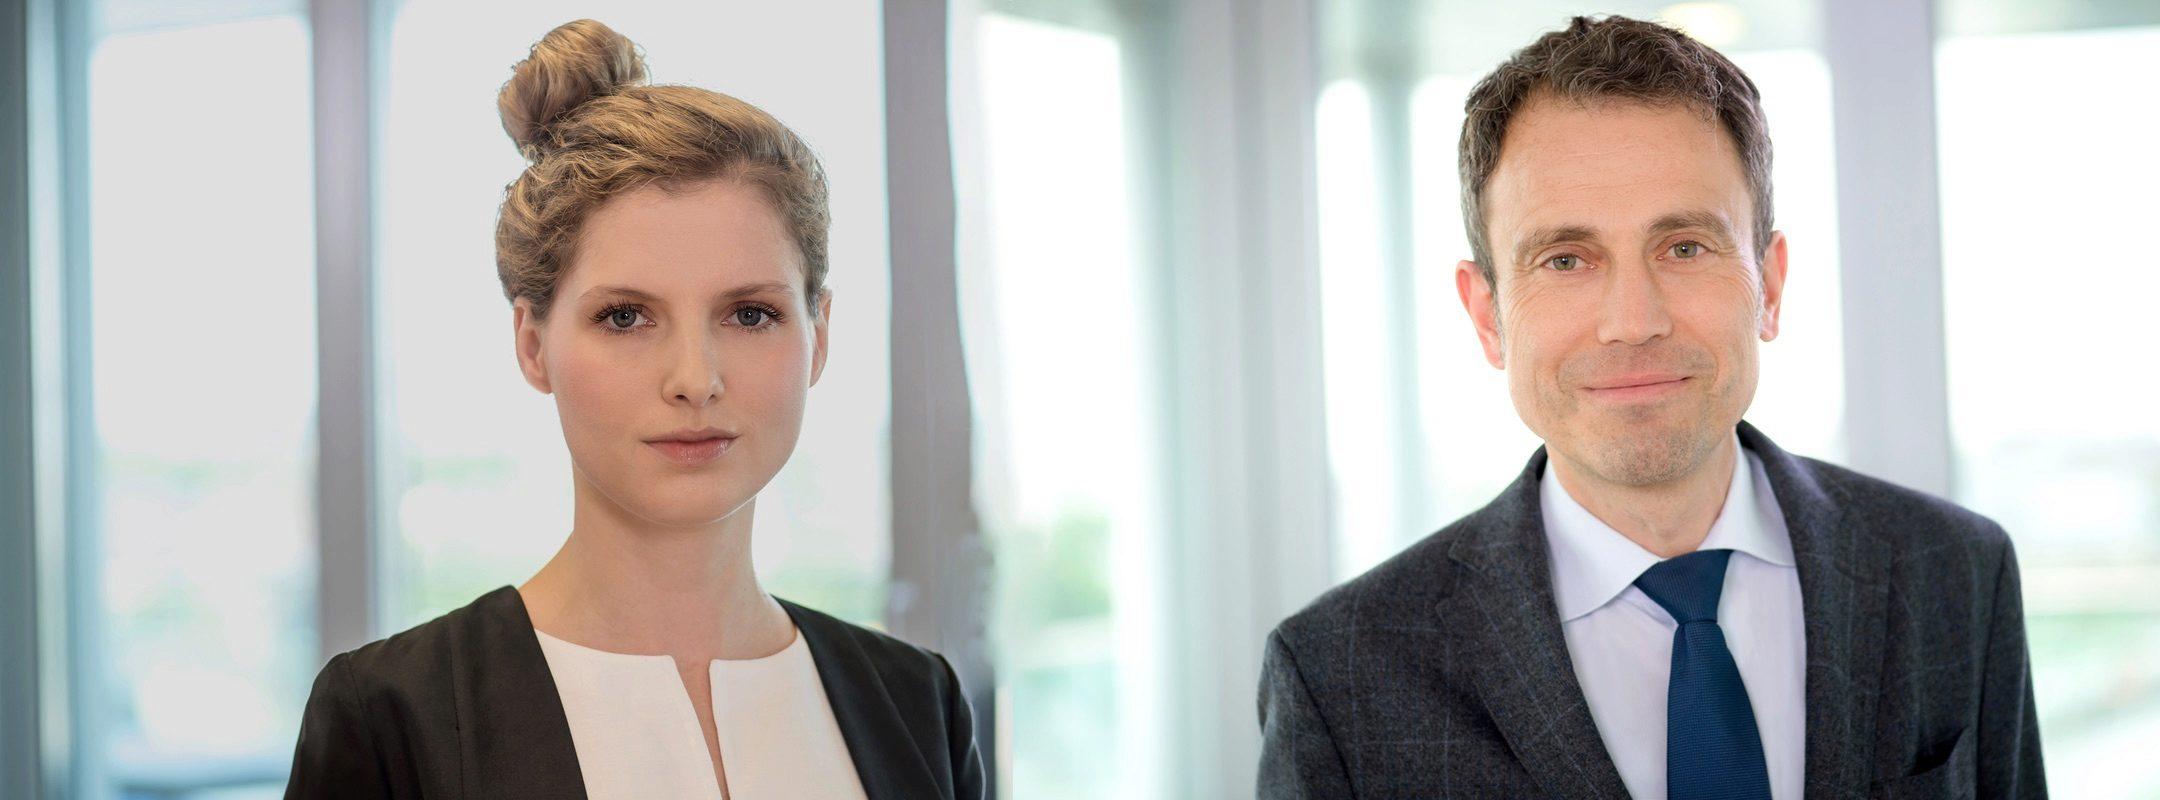 Arbeitsrecht & die Digitalisierung - Interview Pia Pracht und Dr. Christoph Müller